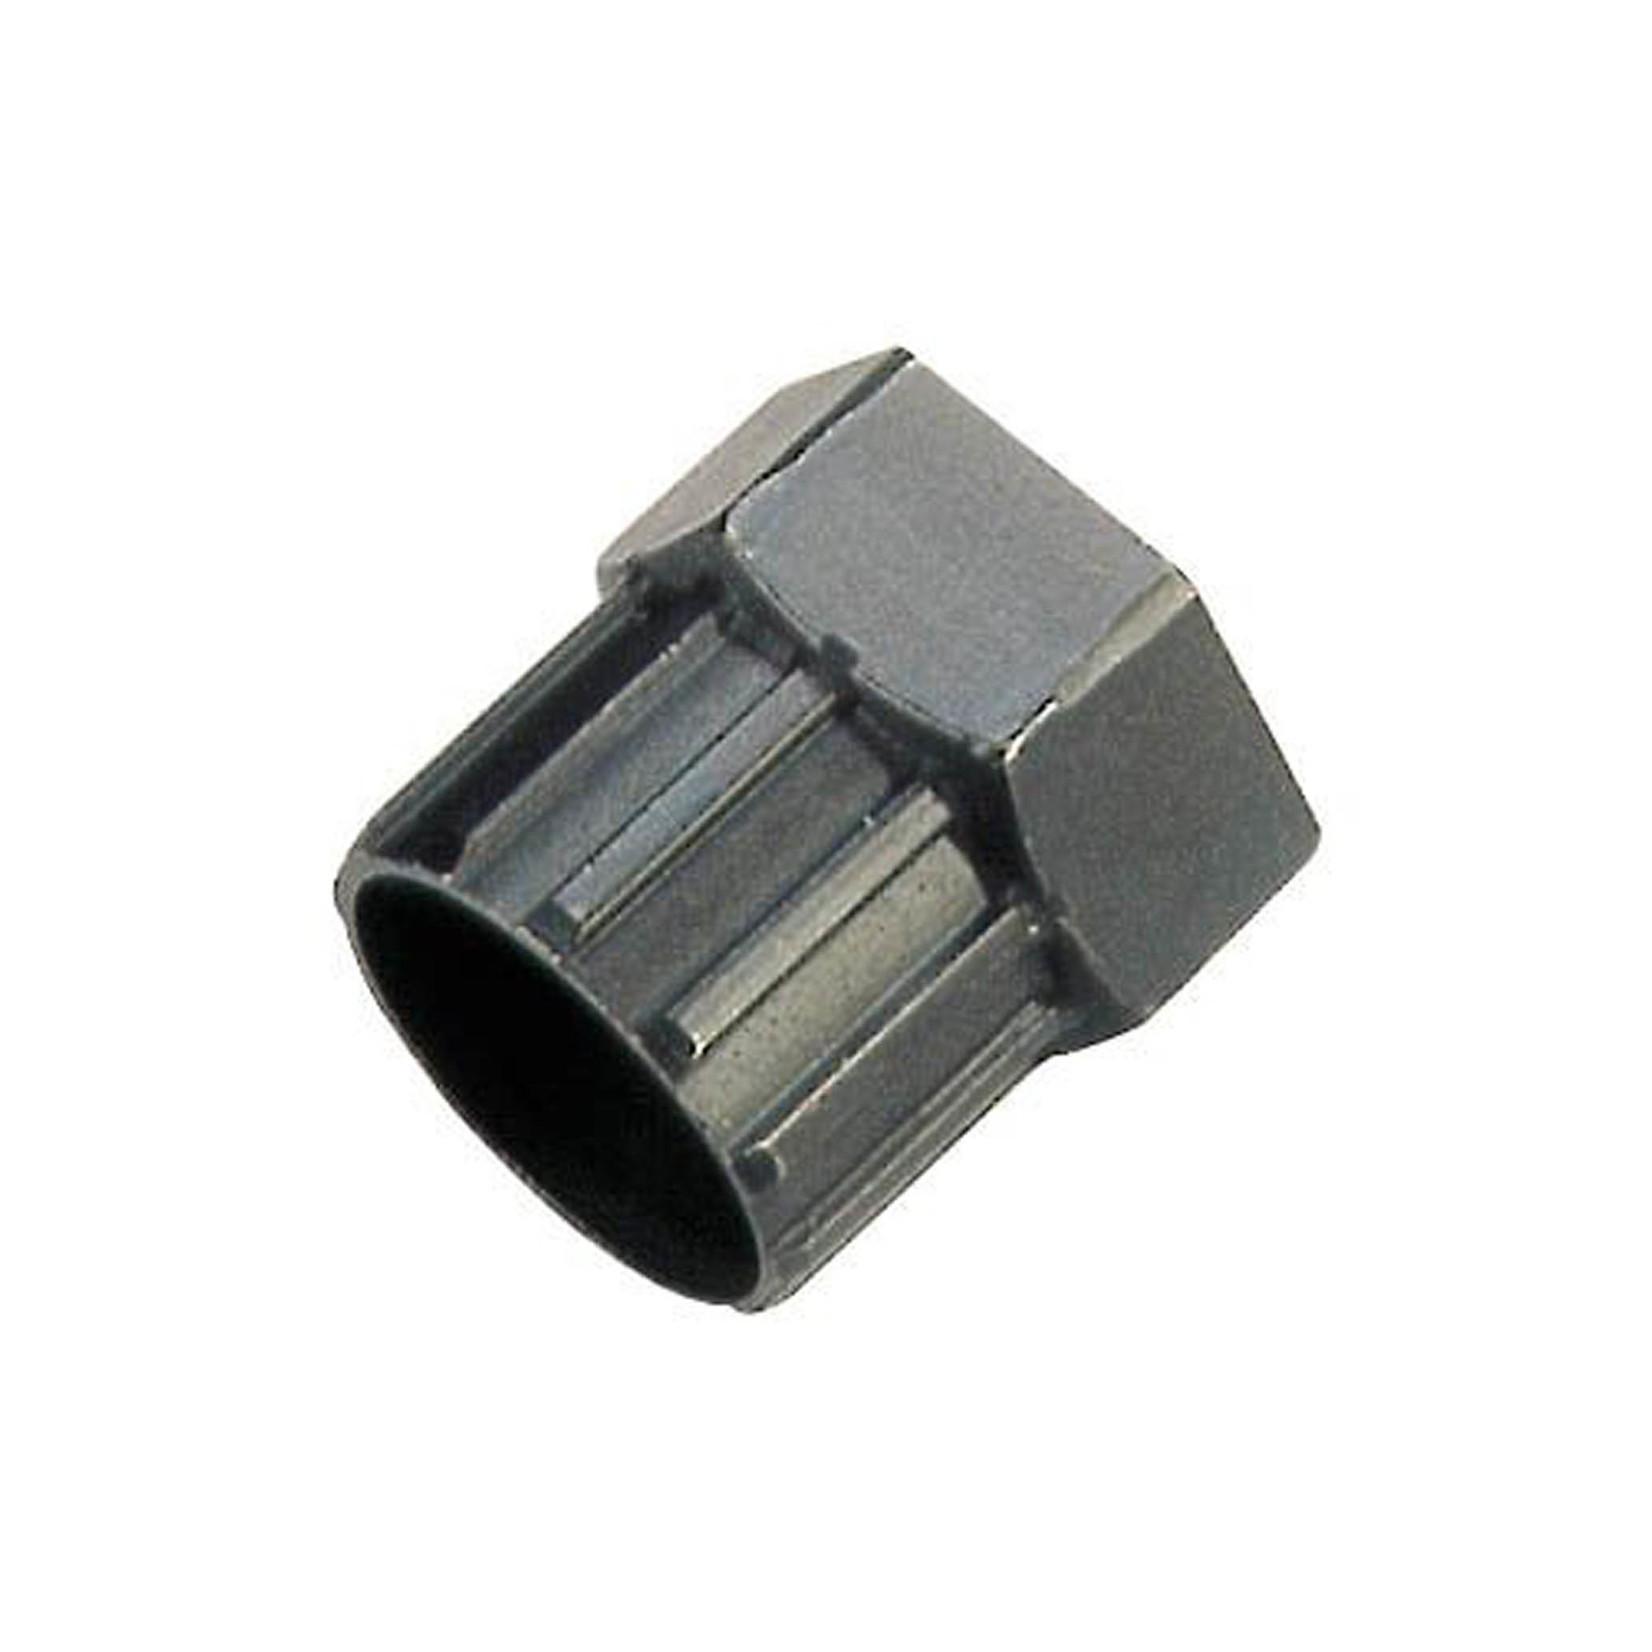 Tobe HG Cassette Remover Tool